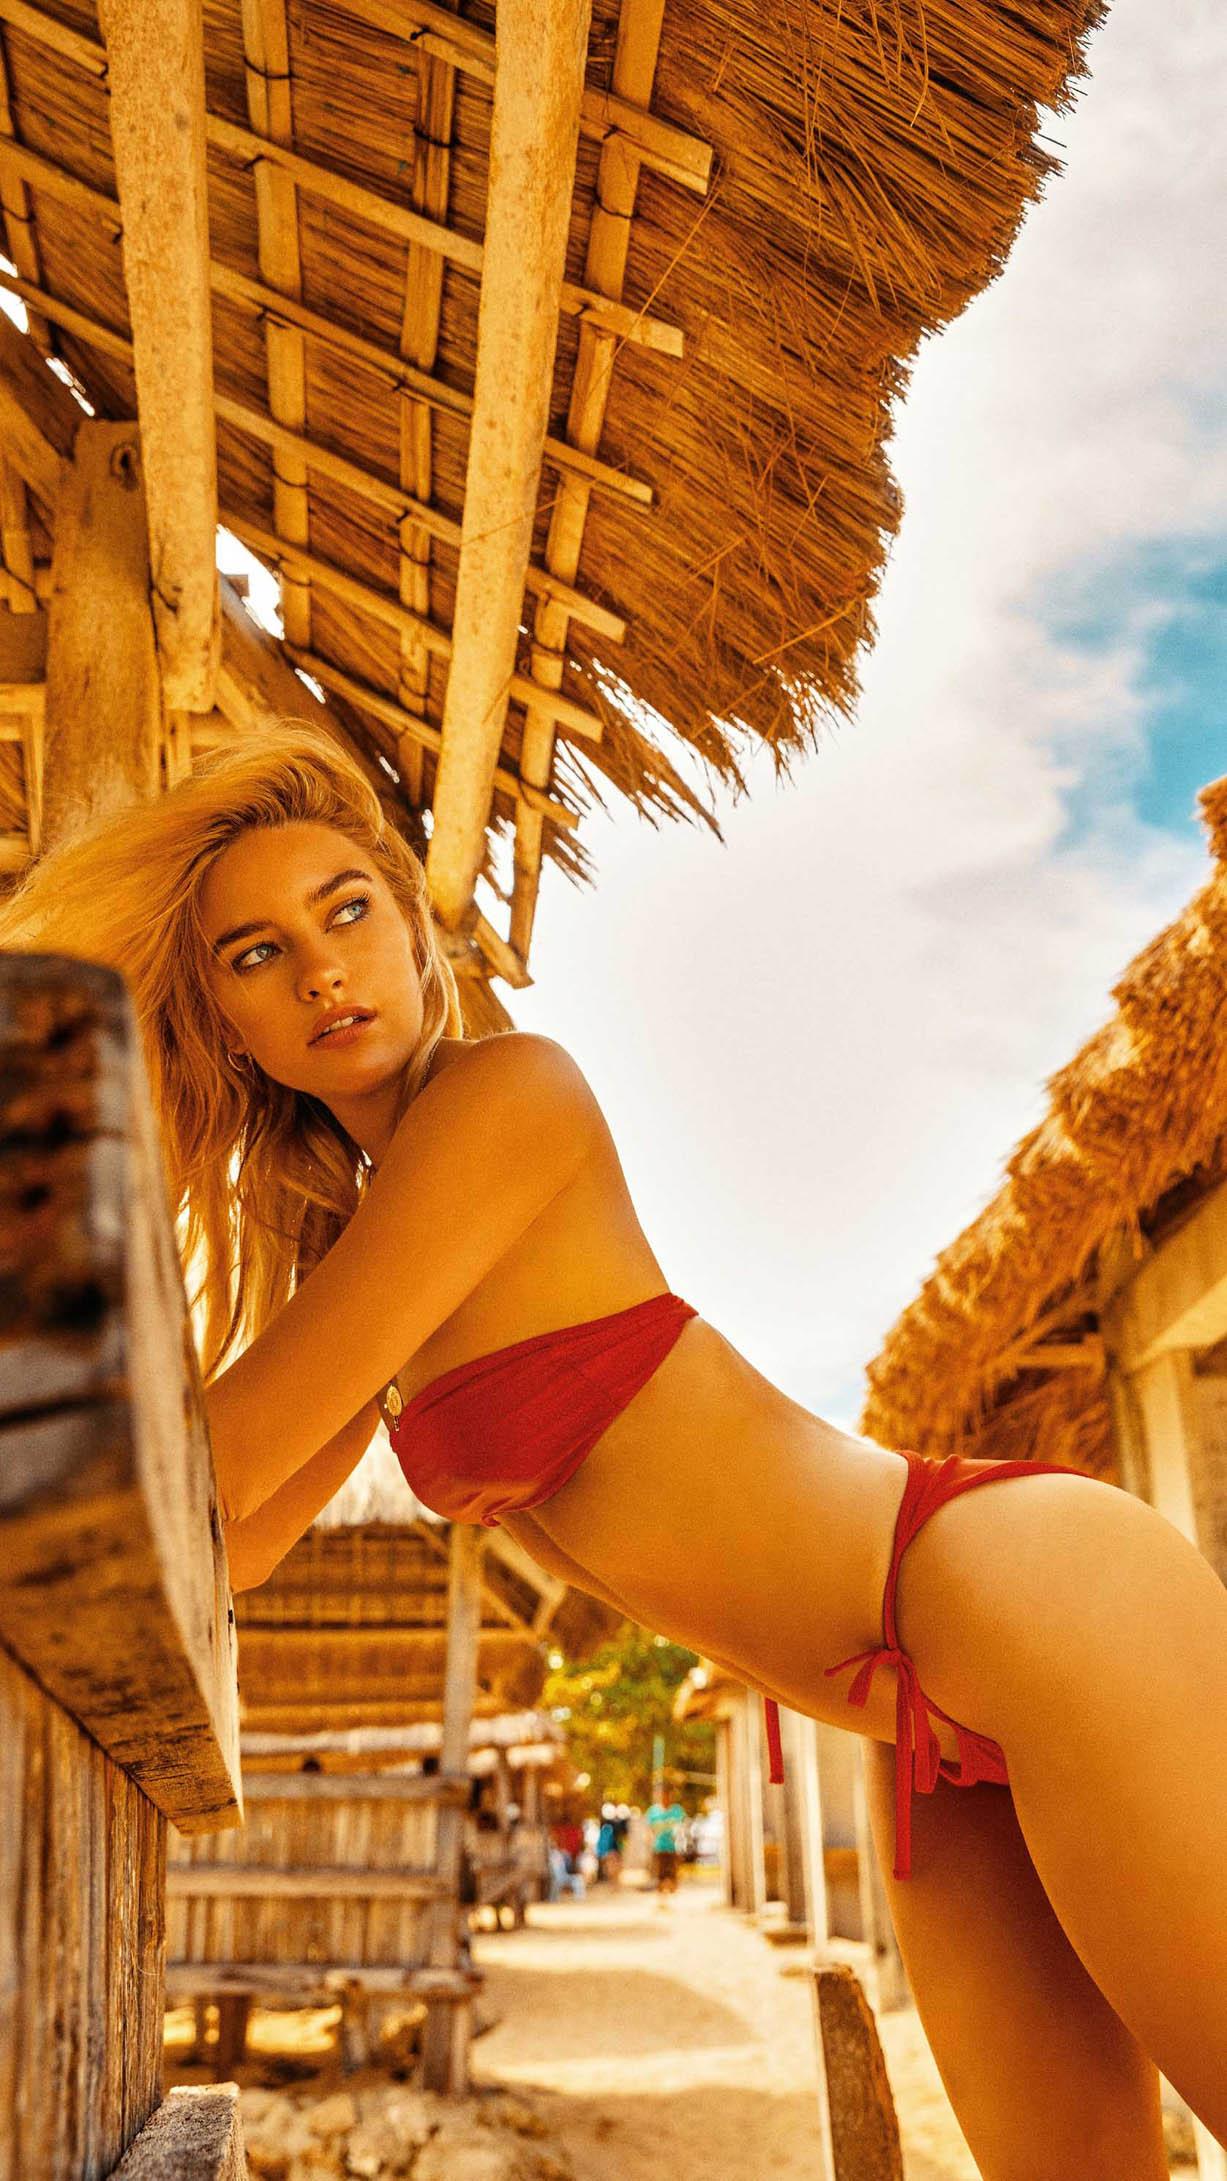 филиппинские каникулы с тремя очаровательными девушками - Rachel Yampolsky, Yovanna Ventura, Tess Jantschek / Tropico Philippines by Mat Abad